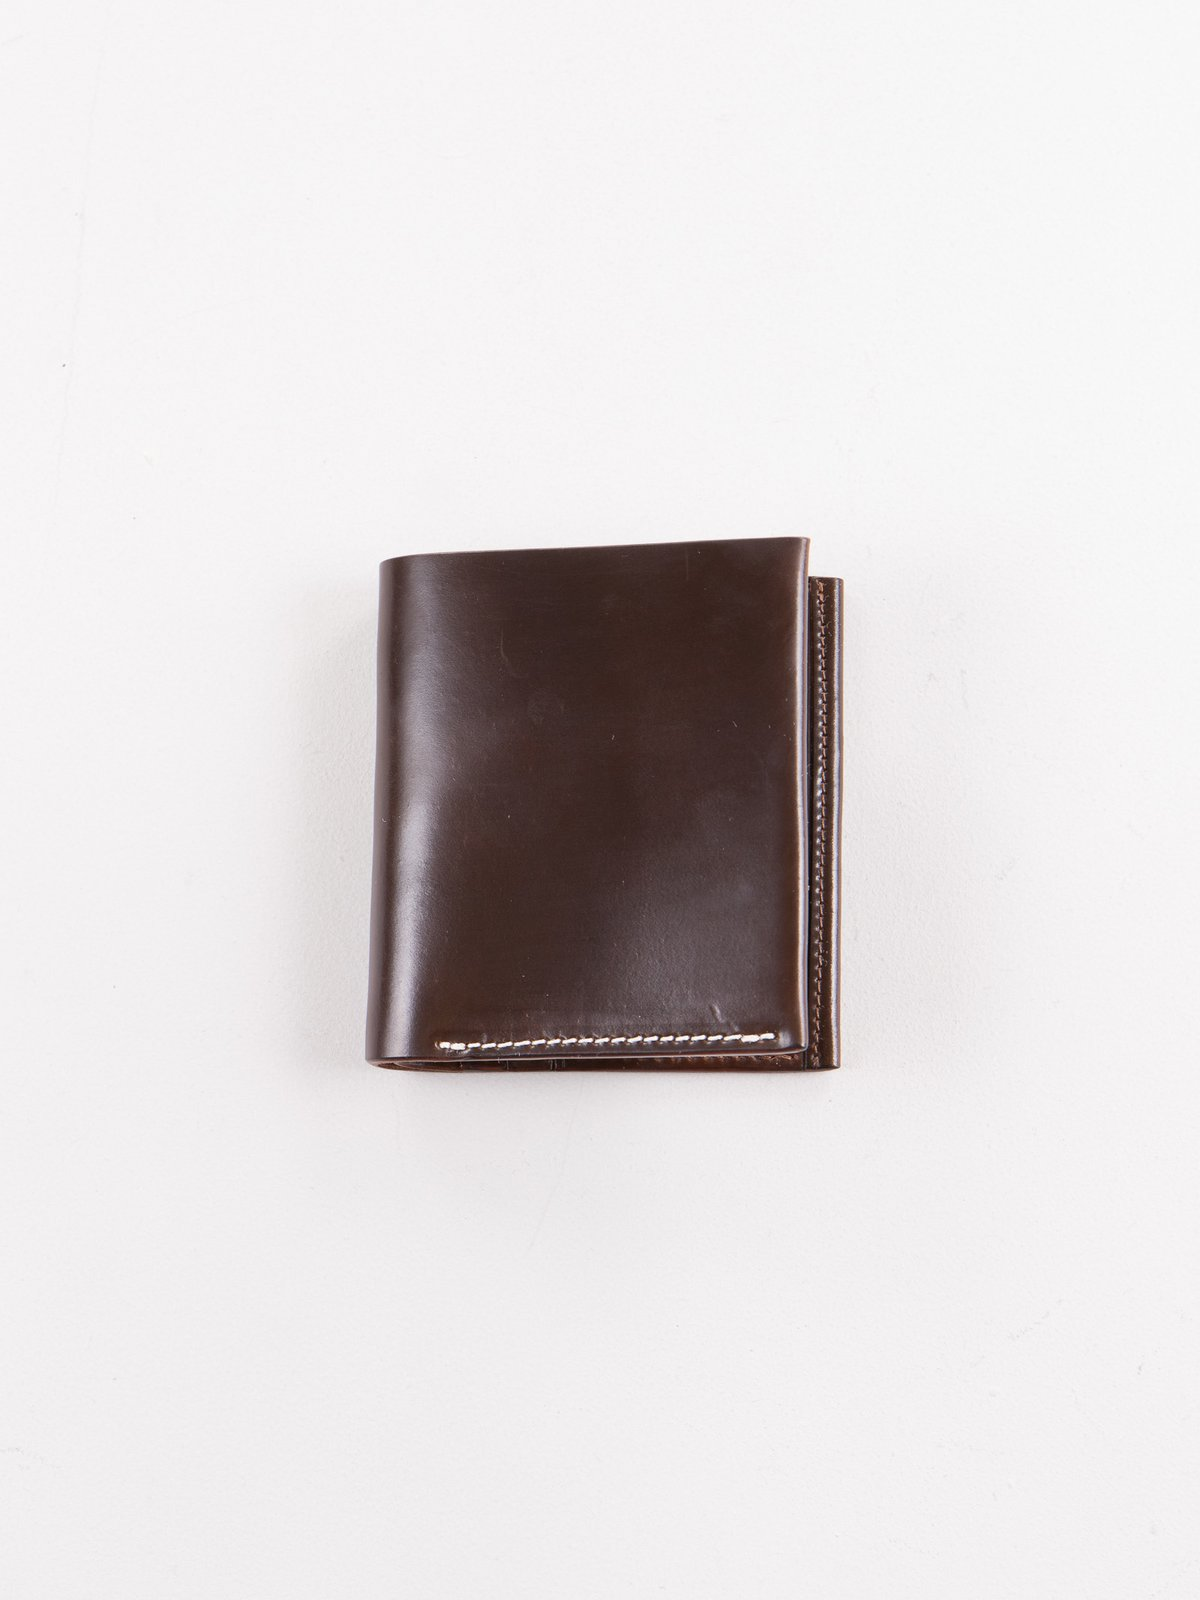 Color 8 Horween Cordovan 3–3 Wallet - Image 1